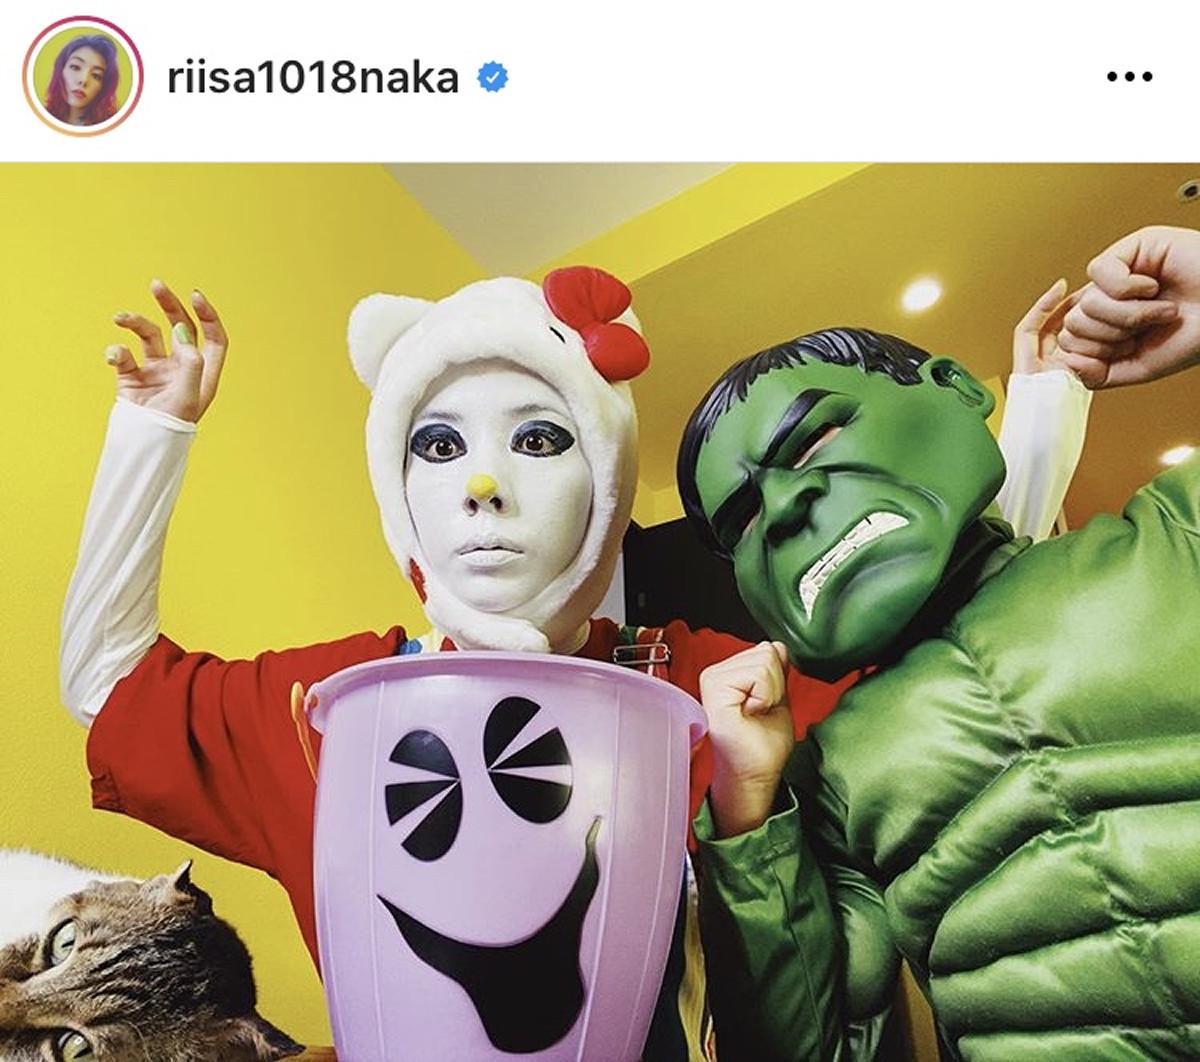 仲里依紗、キティちゃんメイクで仮装も「この写真は間違い探しです なにかが違う」 : スポーツ報知